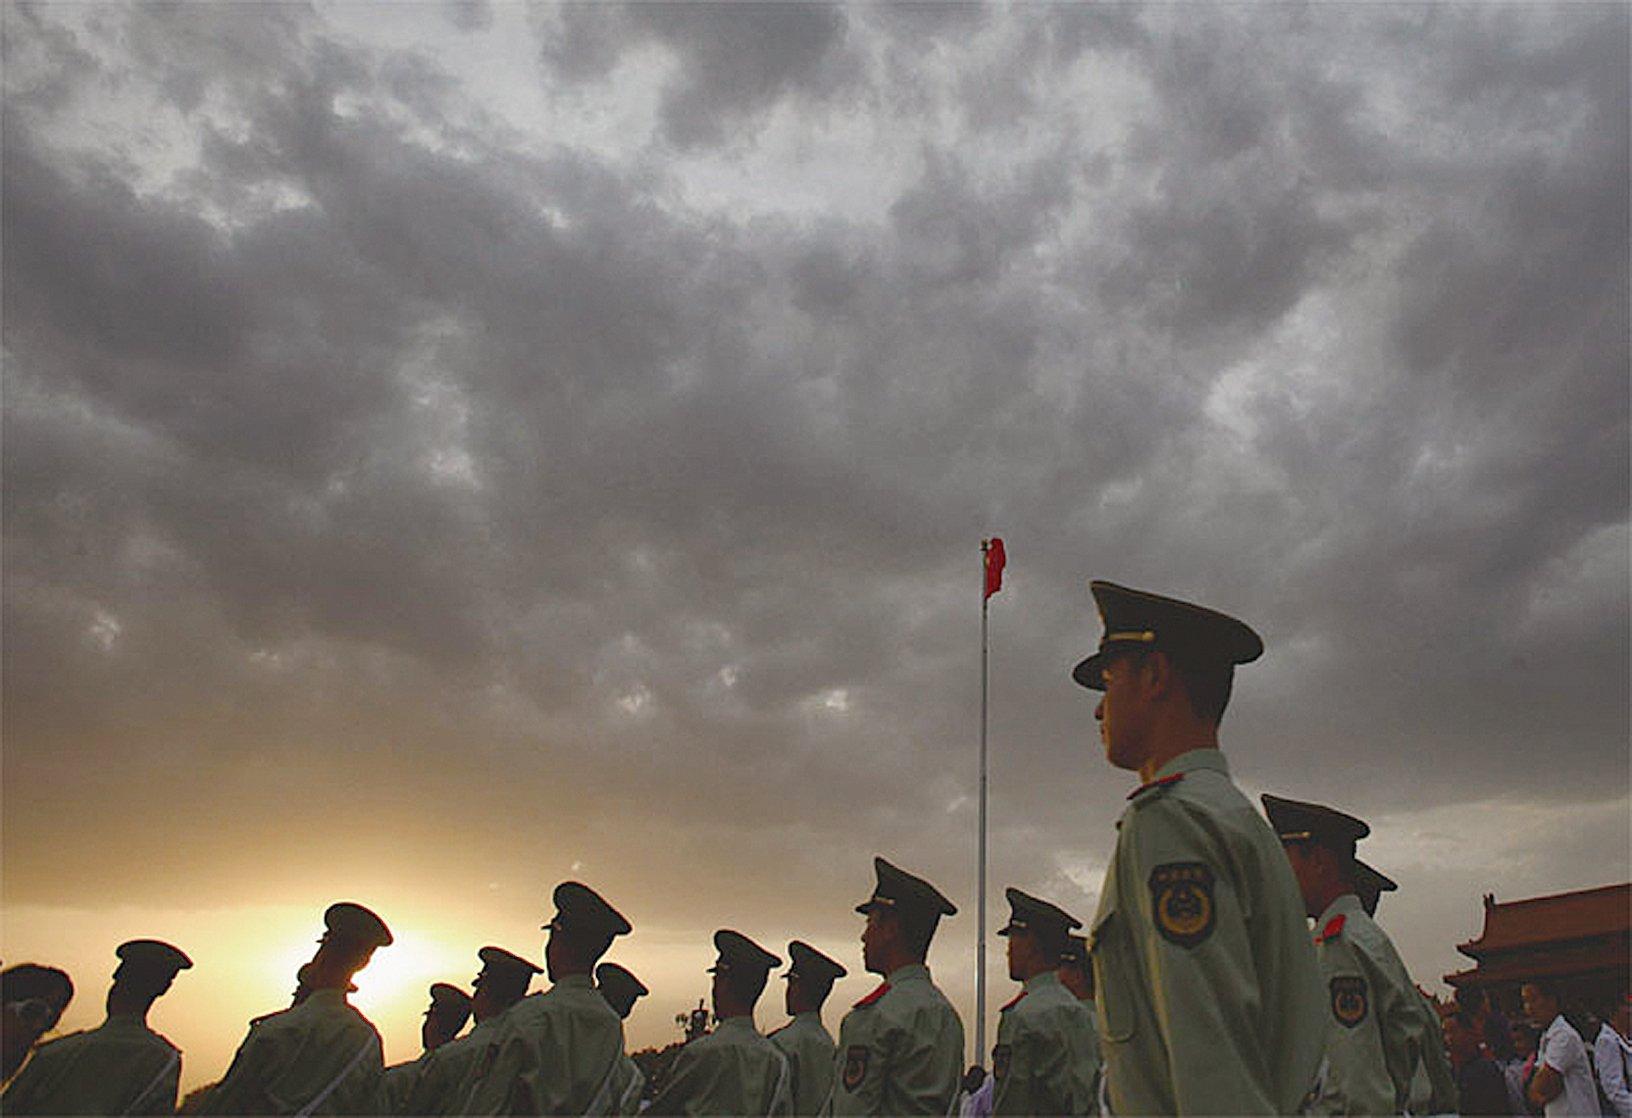 北京政權在生死之際,仍執迷不悟、心存僥倖。後世的人看來,會非常感慨、唏噓不已。(Getty Images)